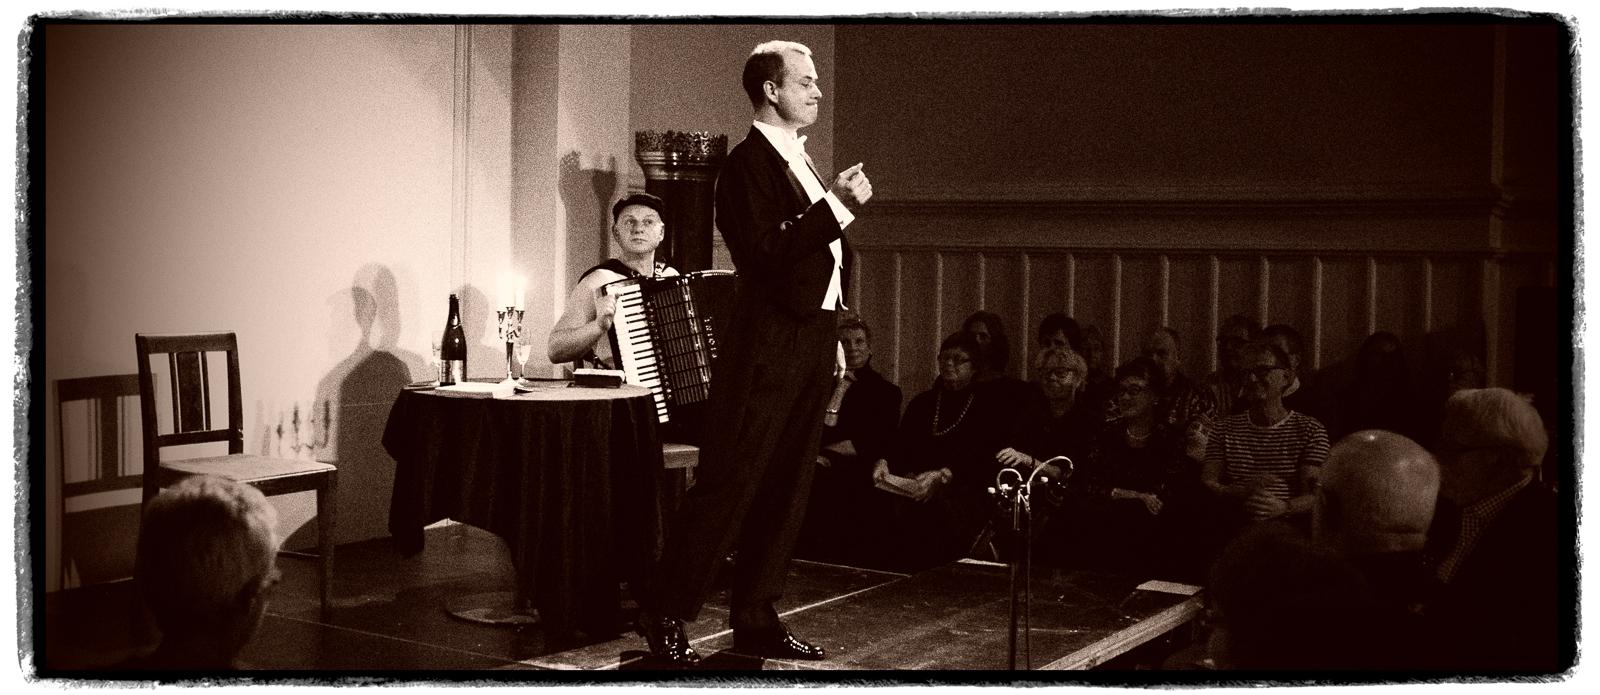 Mads Elung-Jensen & Dirk Rave (Photo: Sebastian Eskildsen)